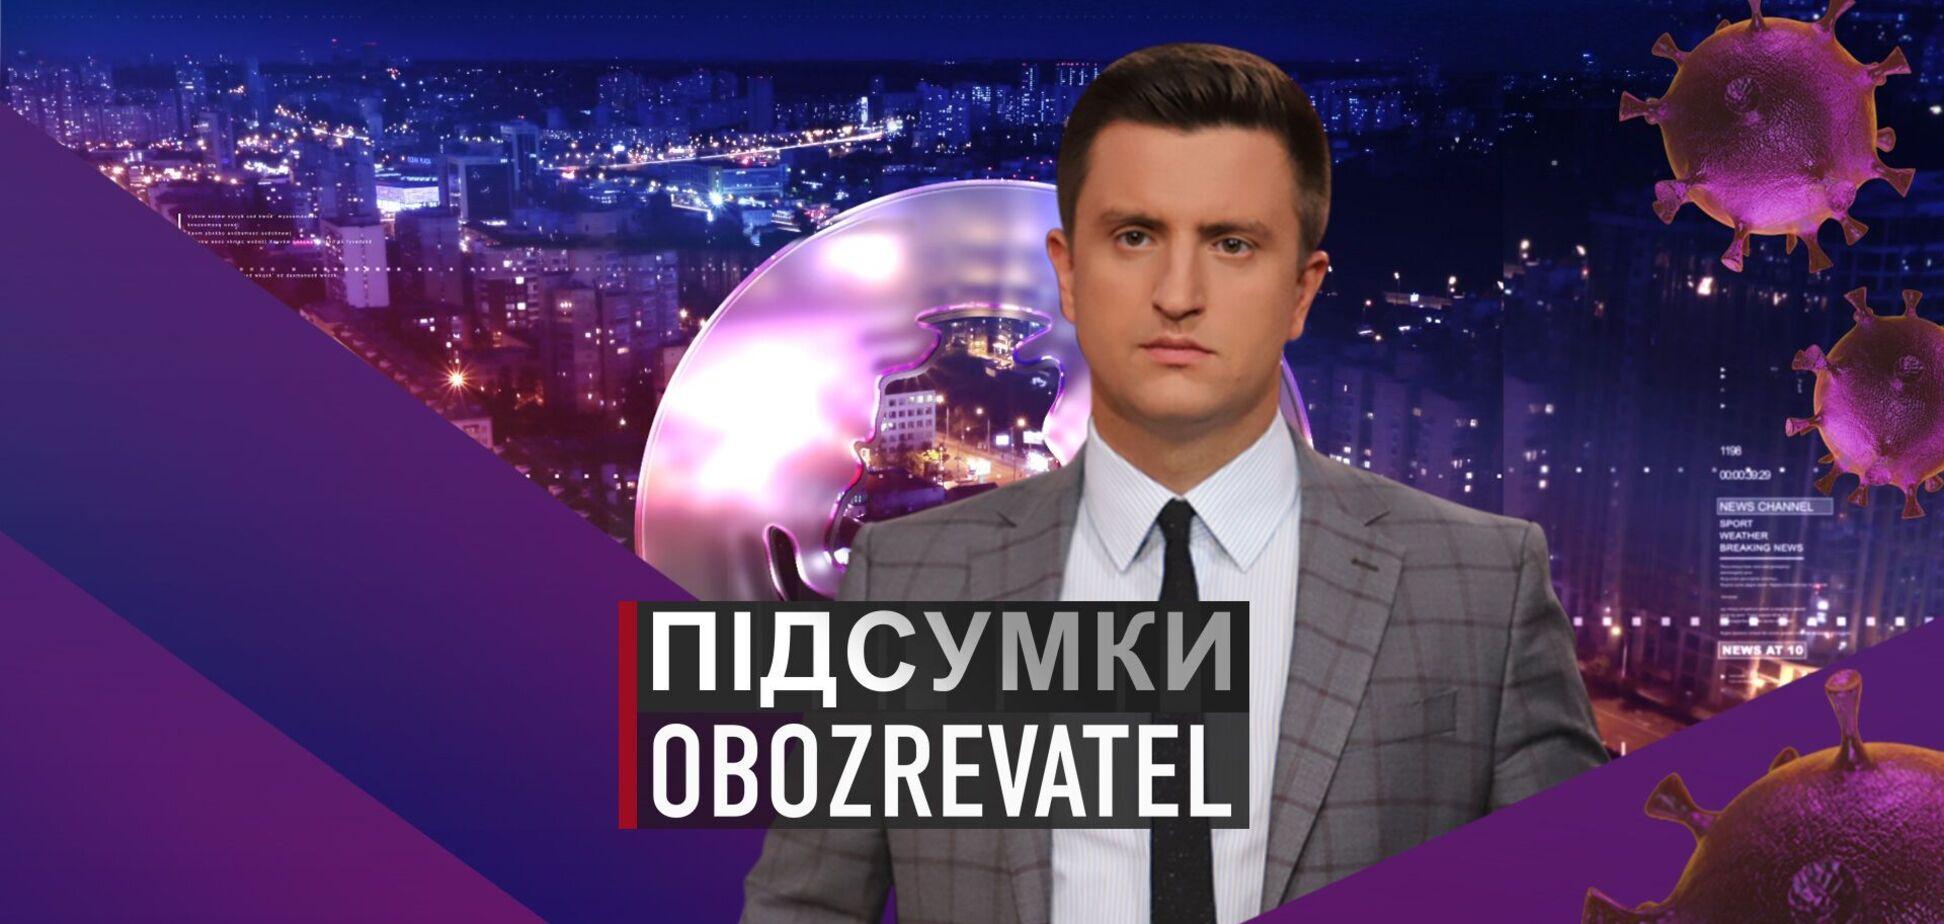 Підсумки с Вадимом Колодийчуком. Вторник, 10 августа